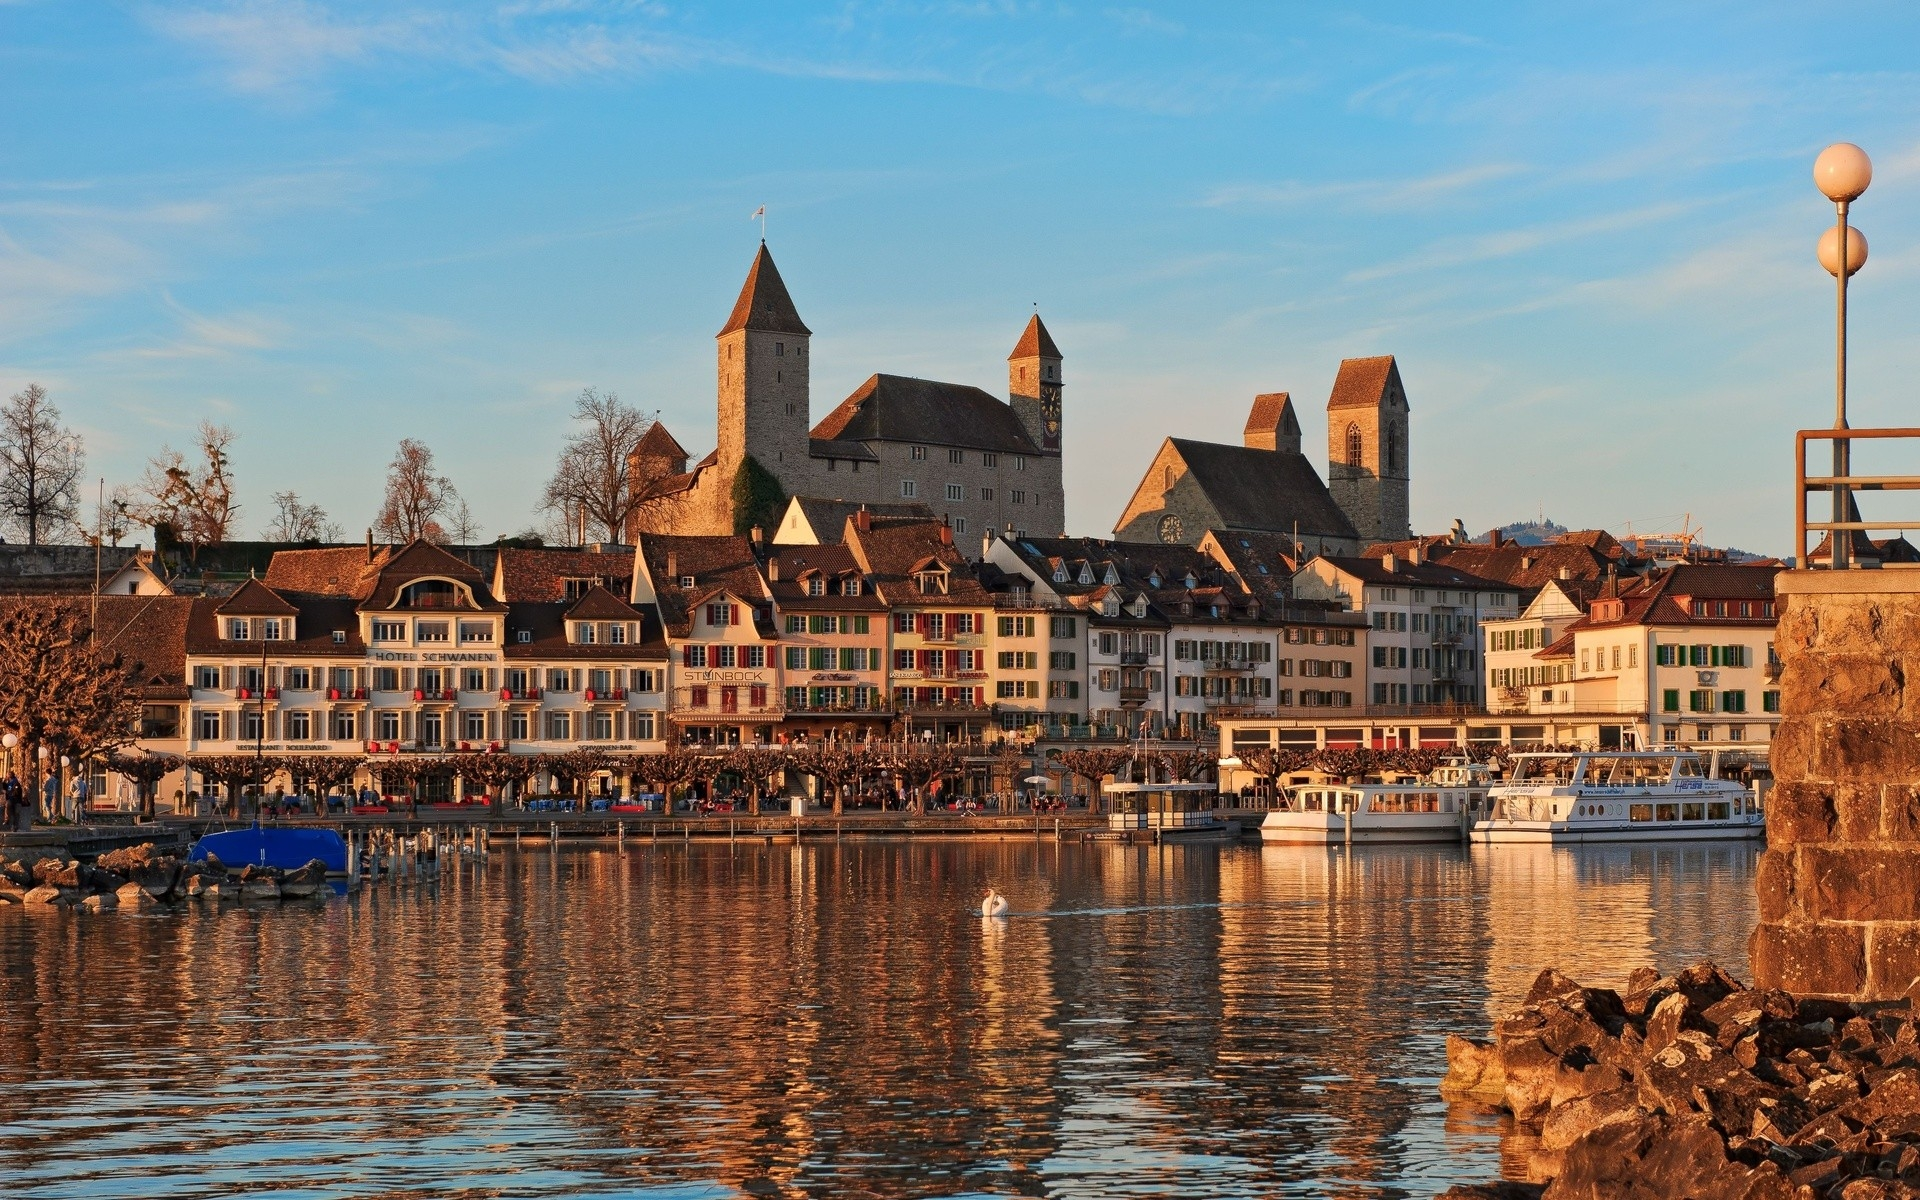 Картинки Аскона, Швейцария, река, пляж, здания, люди, пирс фото и обои на рабочий стол